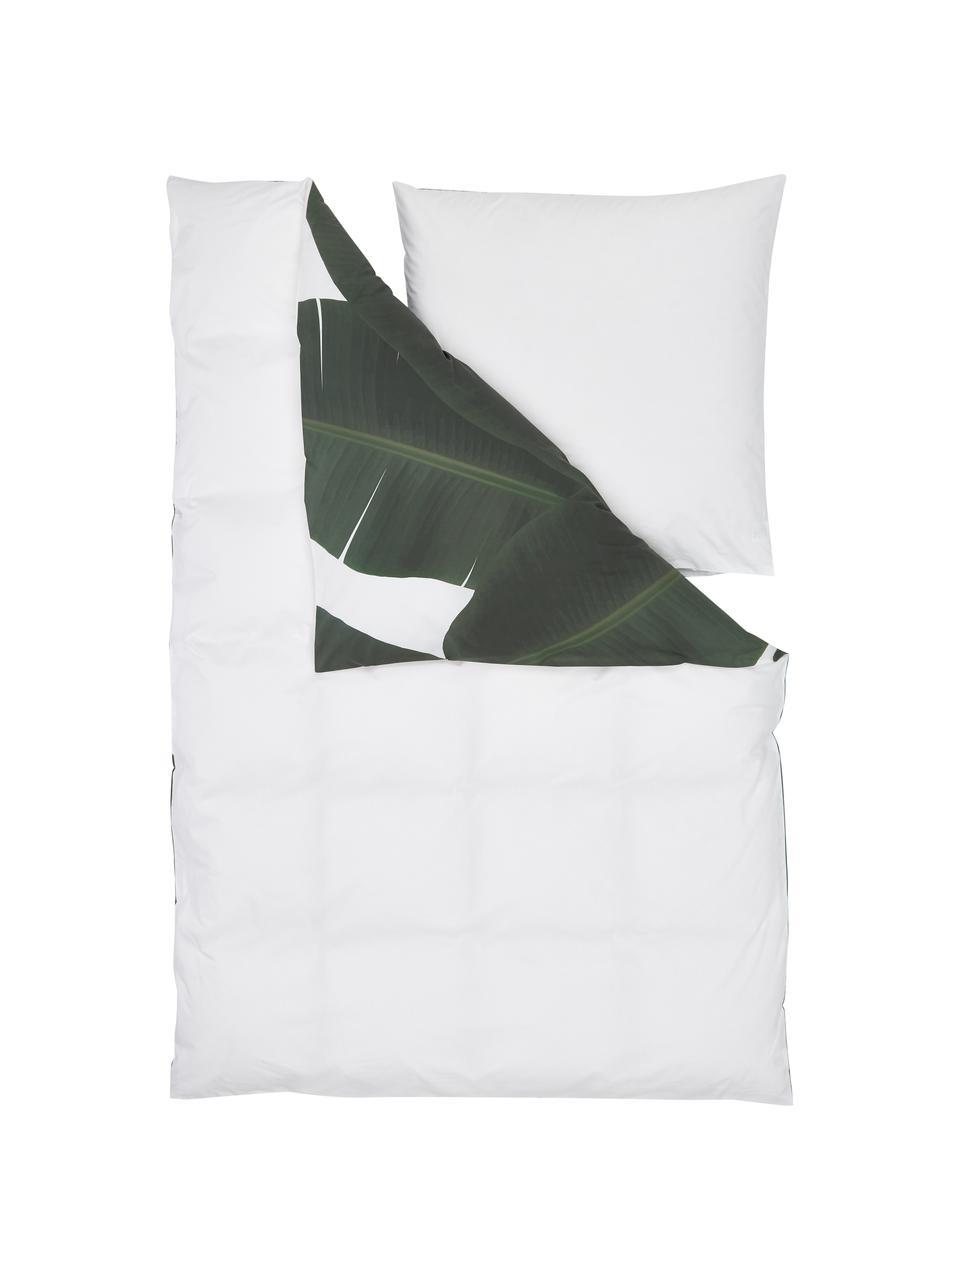 Pościel z perkalu Banana, Przód: odcienie zielonego, biały Tył: biały, gładki, 240 x 220 cm